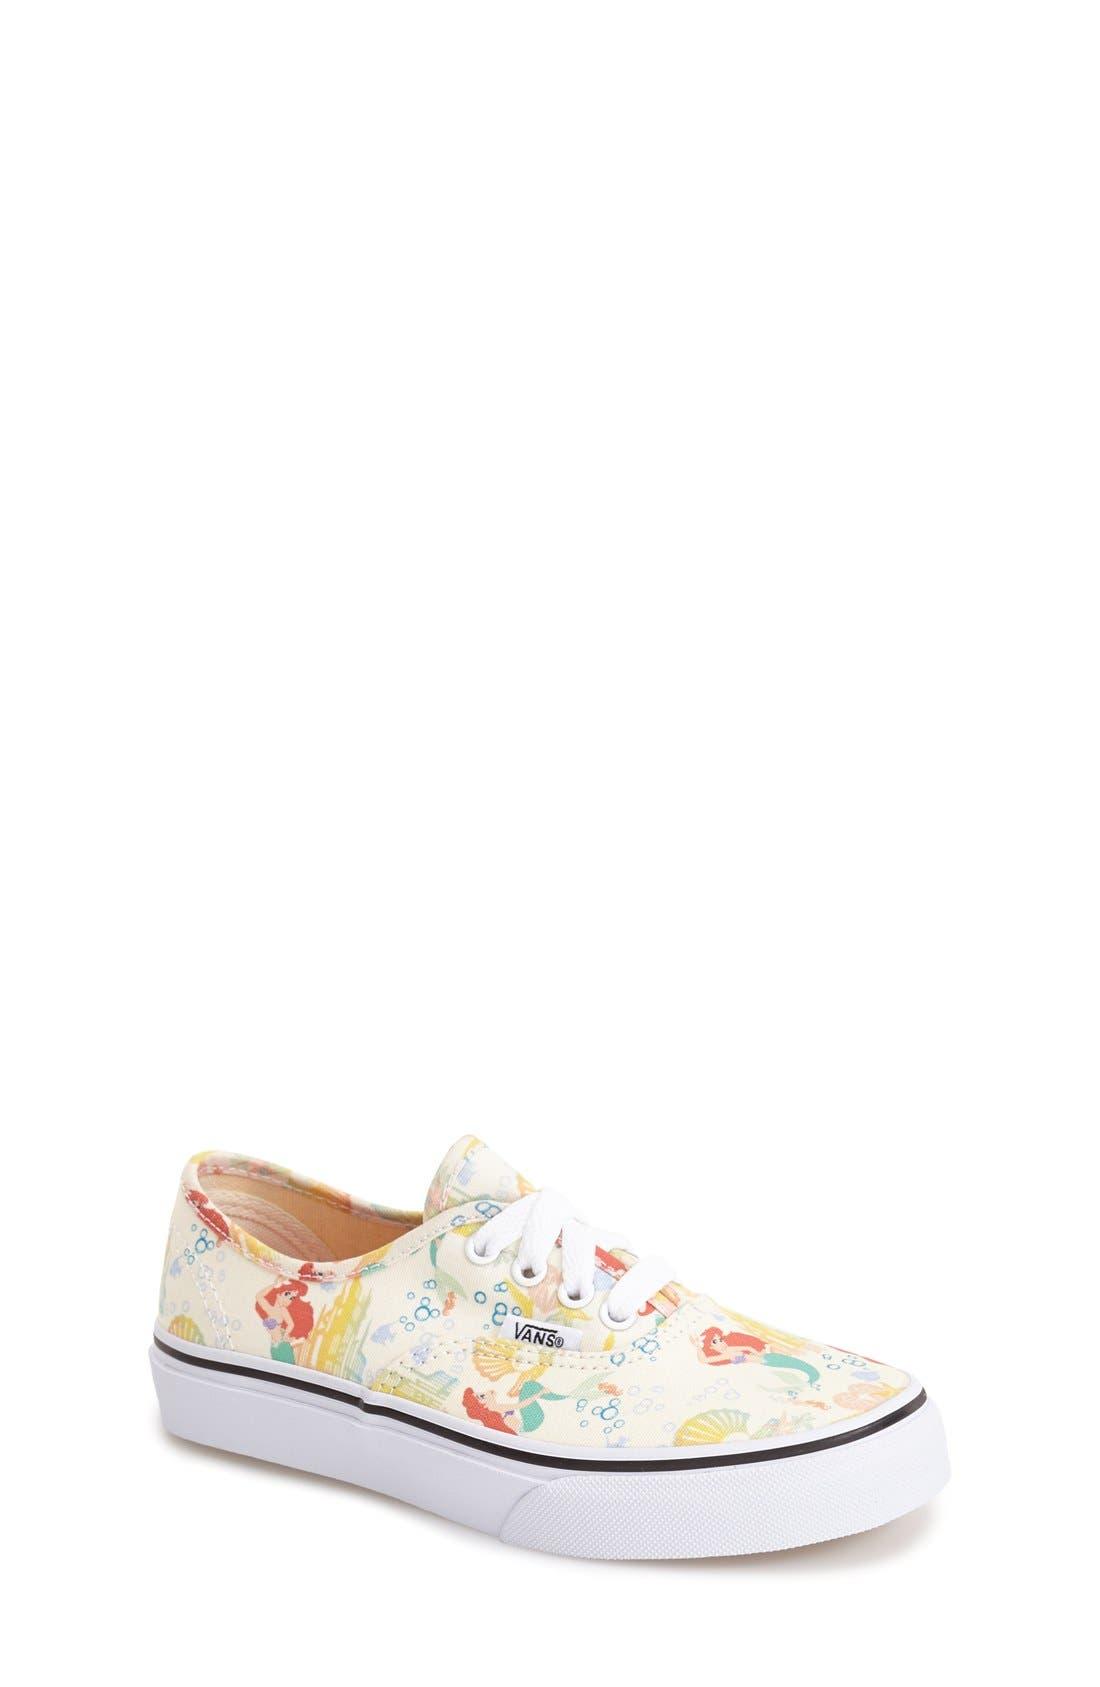 'Authentic - Disney<sup>®</sup> Ariel' Sneaker,                             Main thumbnail 1, color,                             100